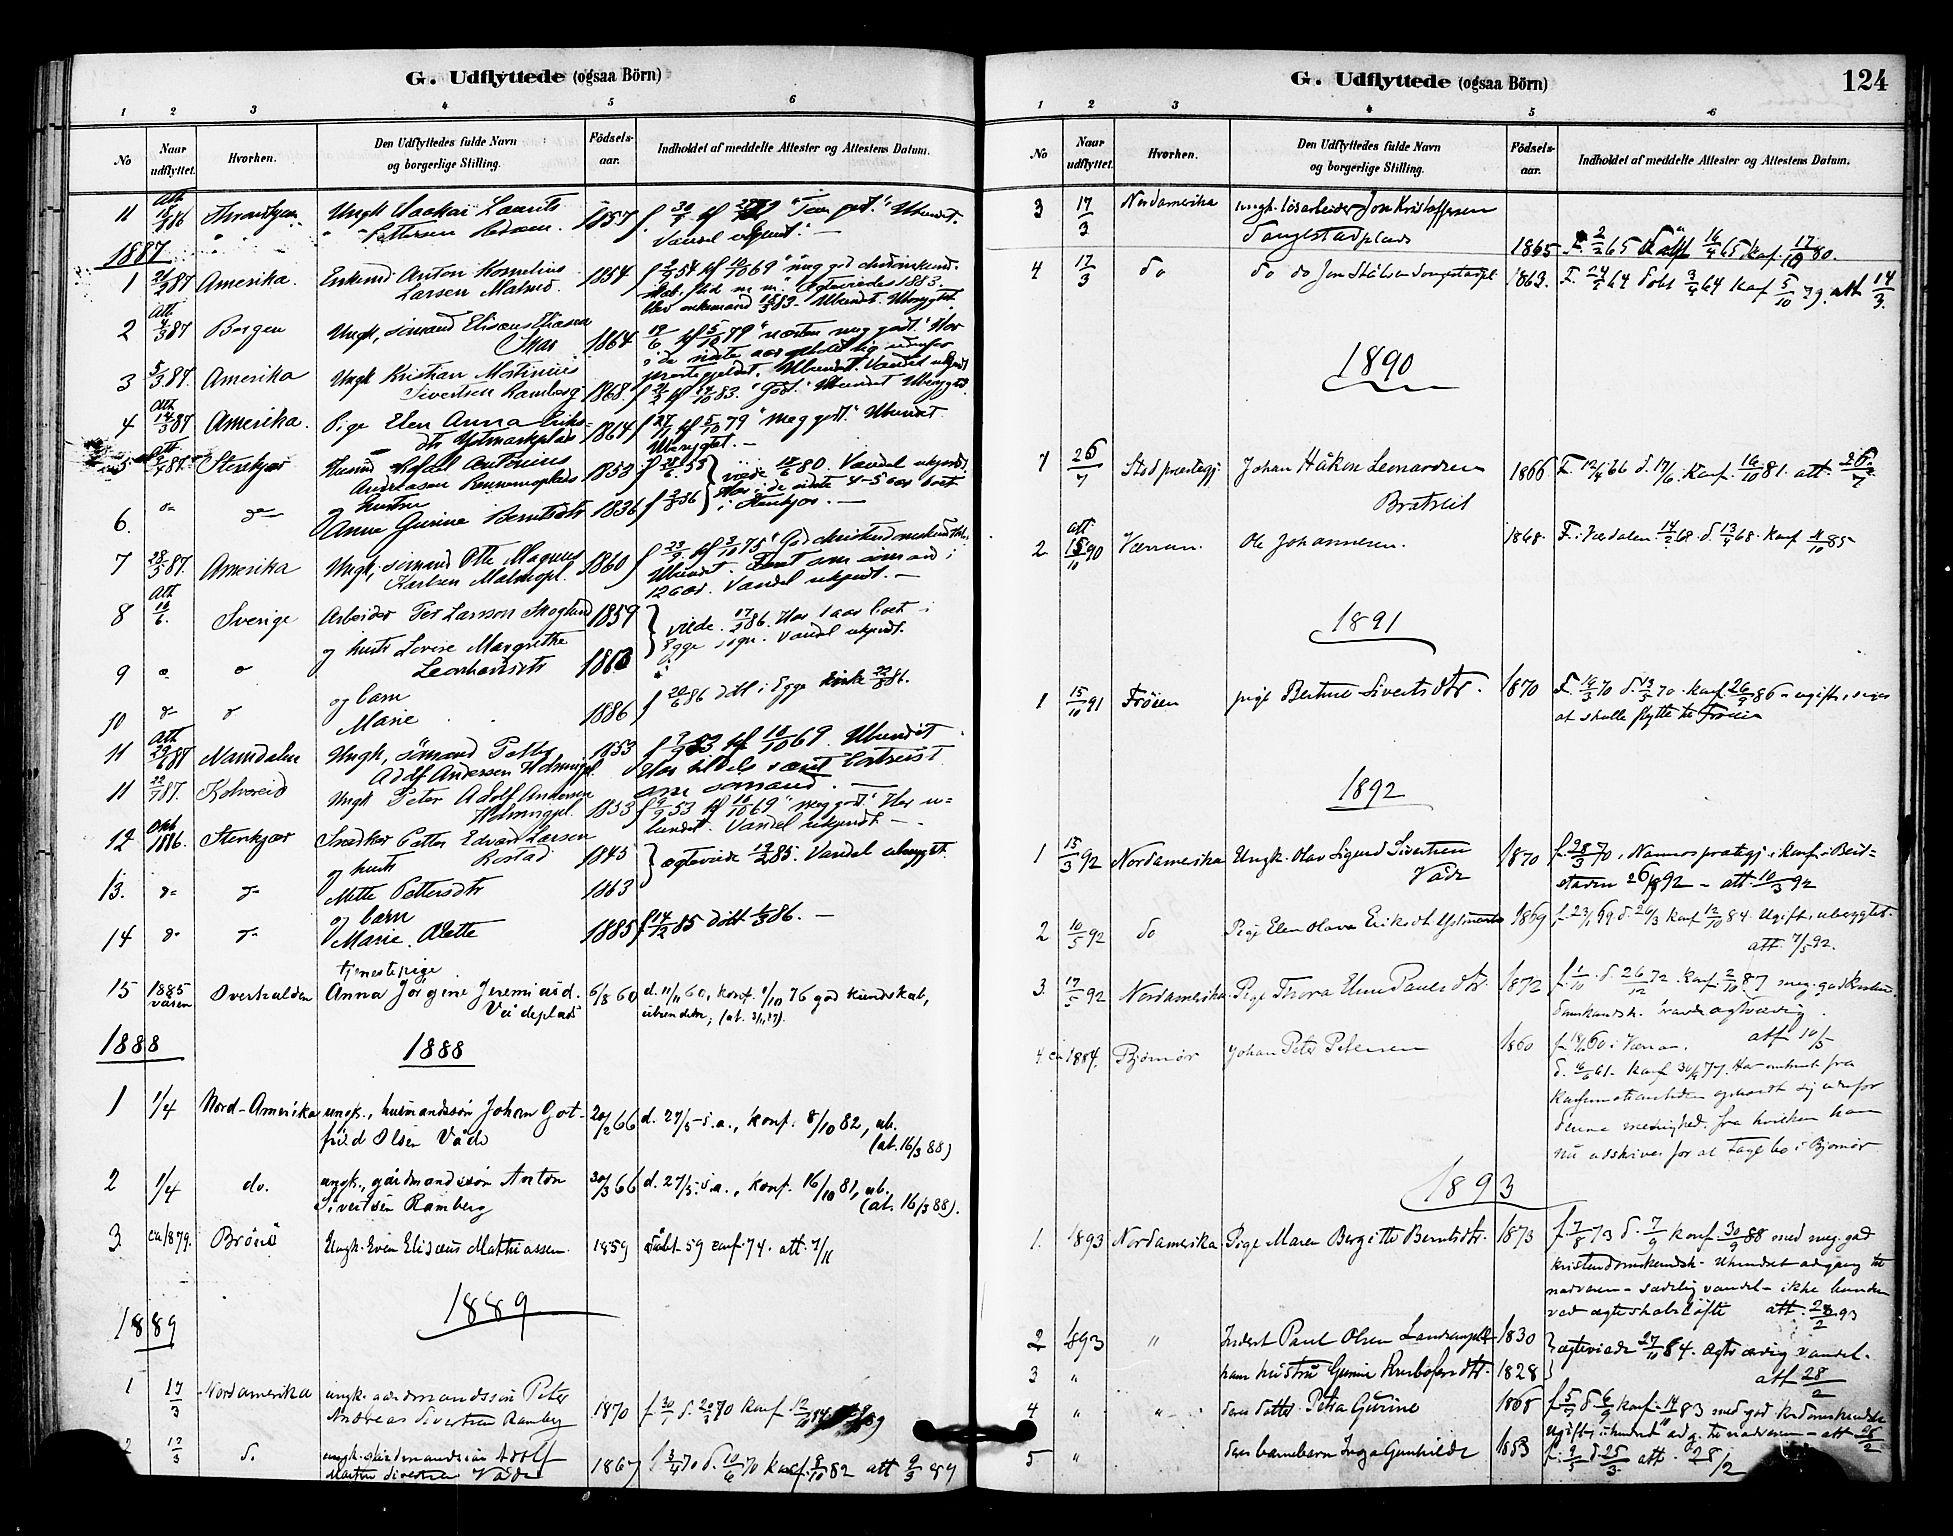 SAT, Ministerialprotokoller, klokkerbøker og fødselsregistre - Nord-Trøndelag, 745/L0429: Ministerialbok nr. 745A01, 1878-1894, s. 124